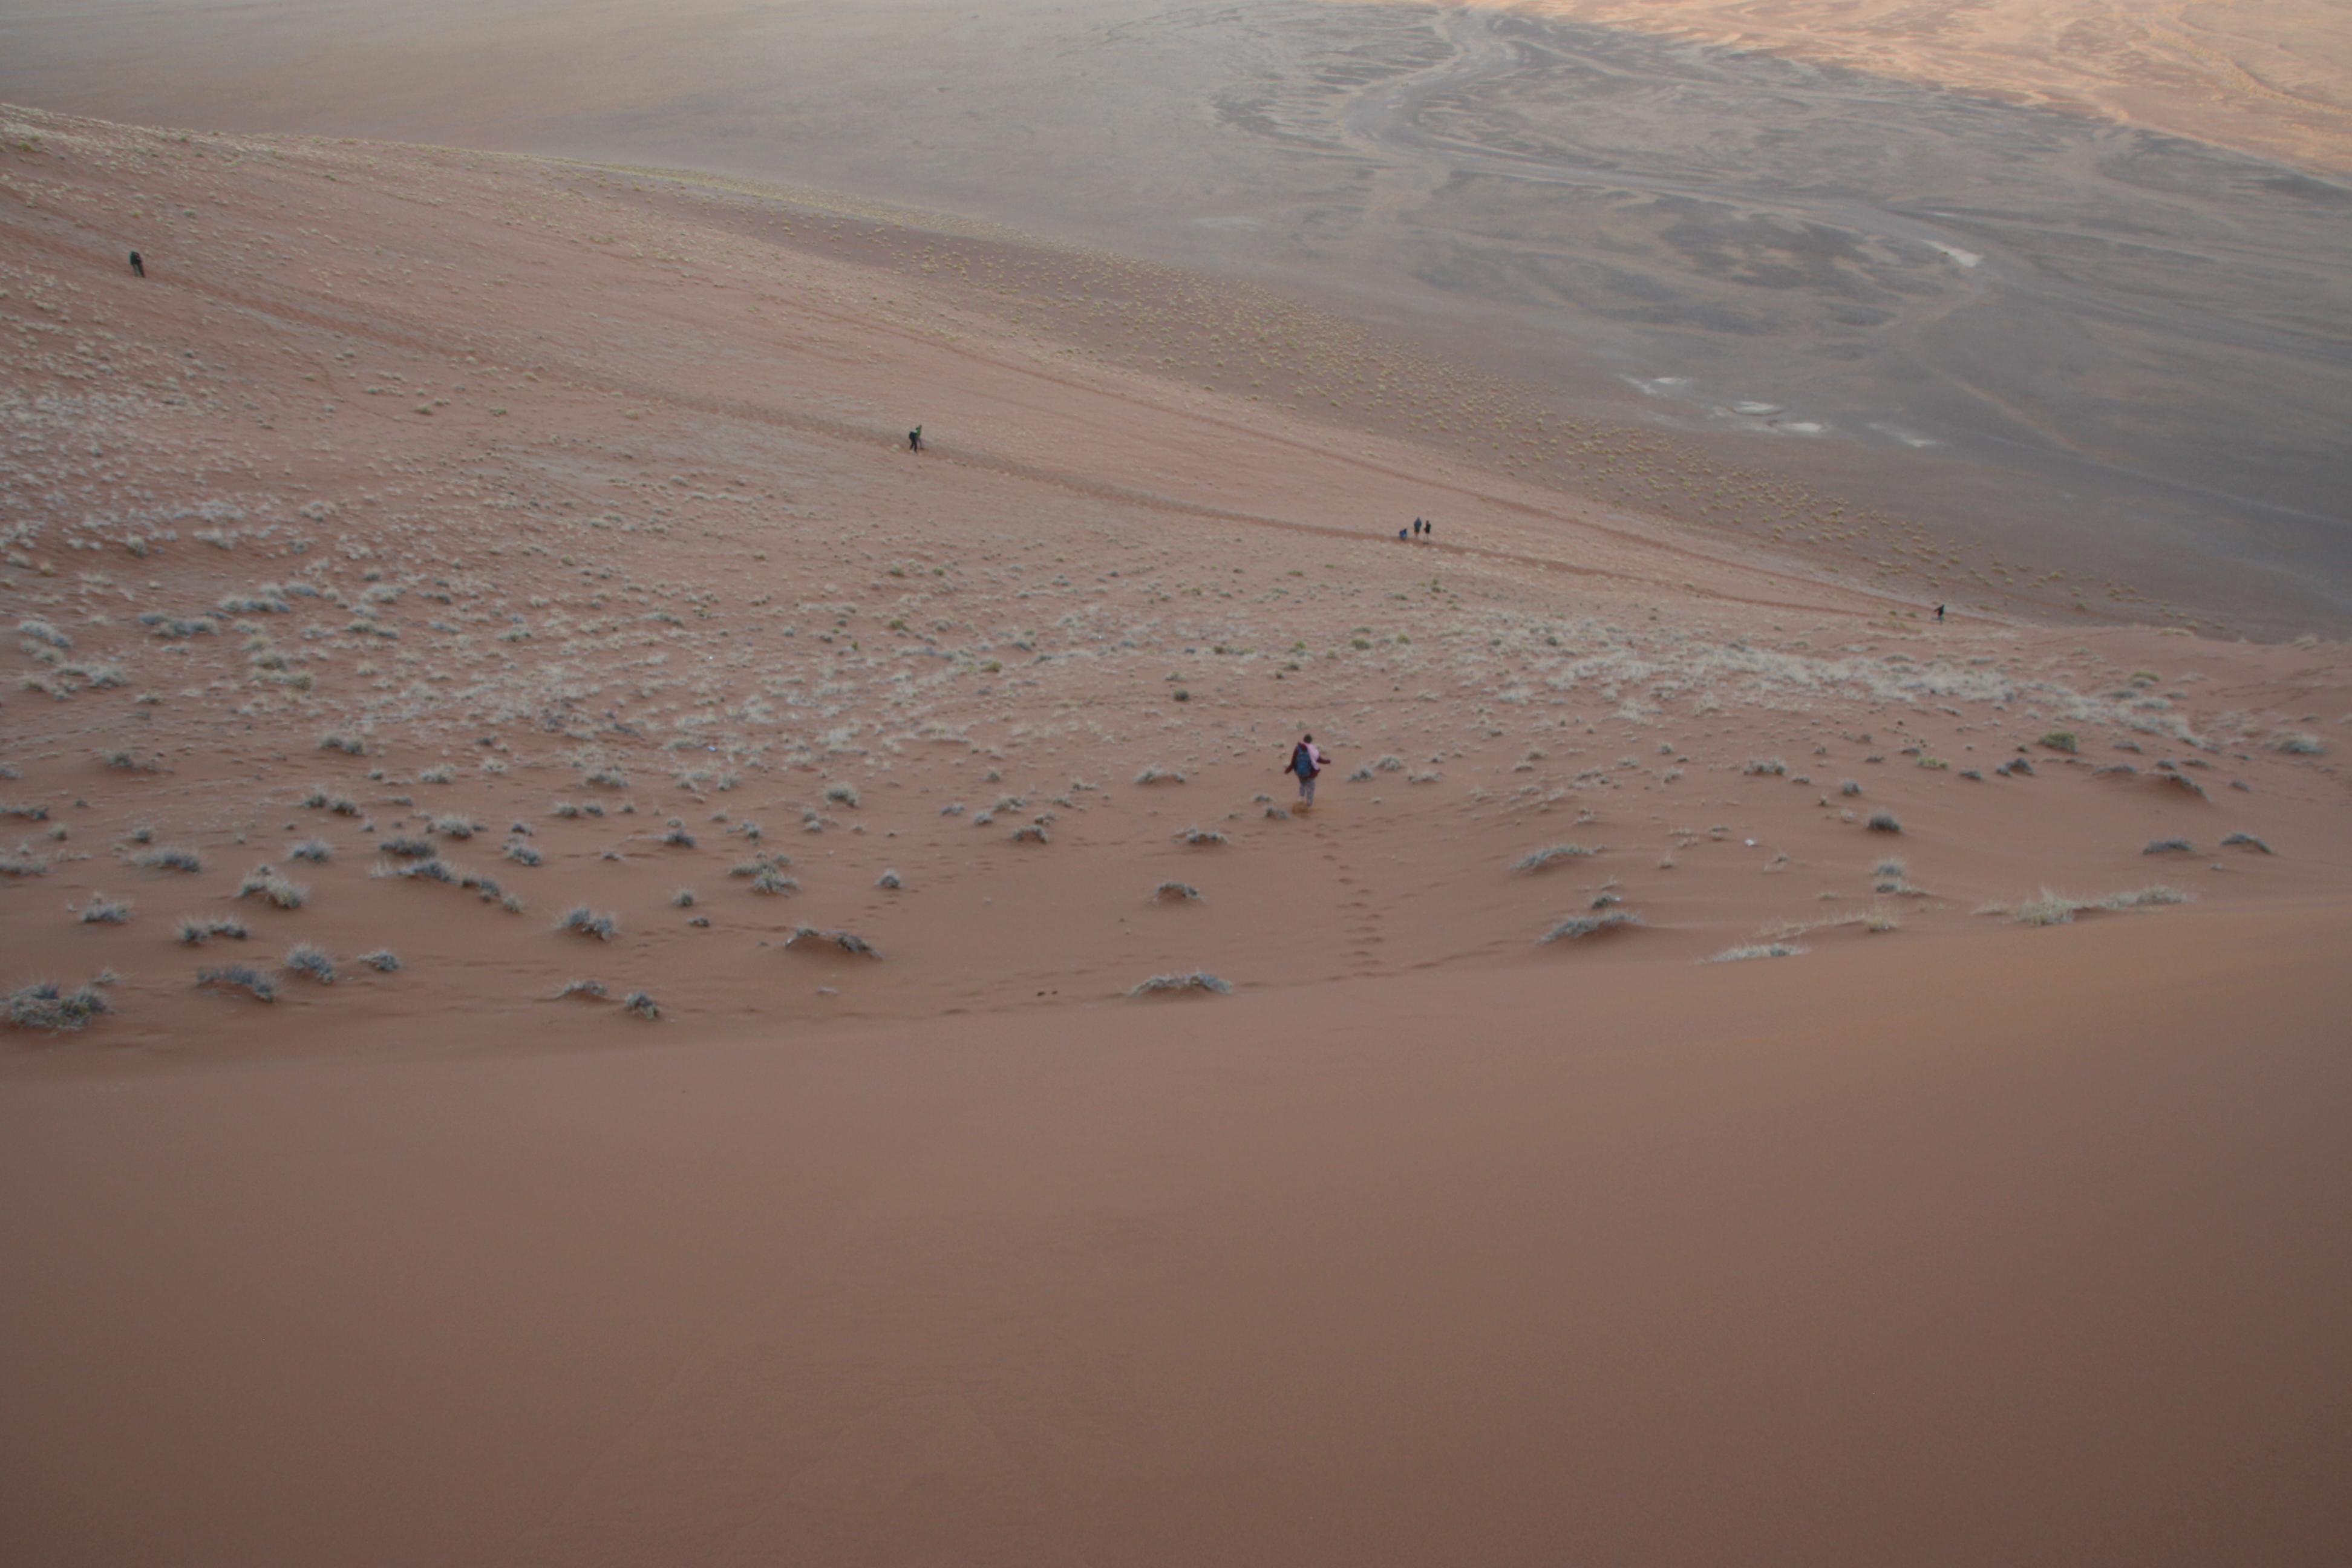 Düne Wüste Namibia Namib